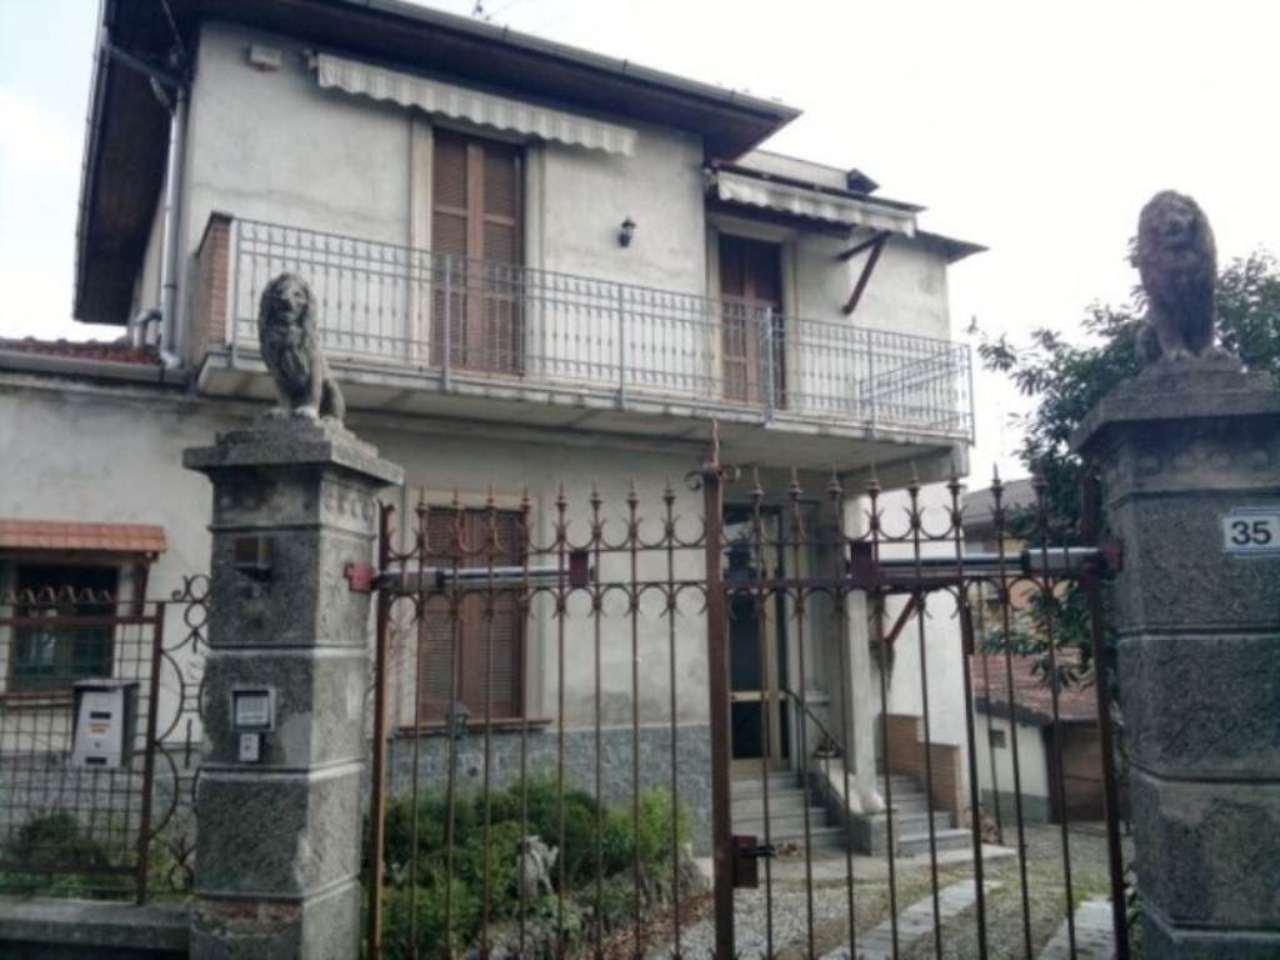 Villa in vendita a Sumirago, 5 locali, prezzo € 185.000 | CambioCasa.it